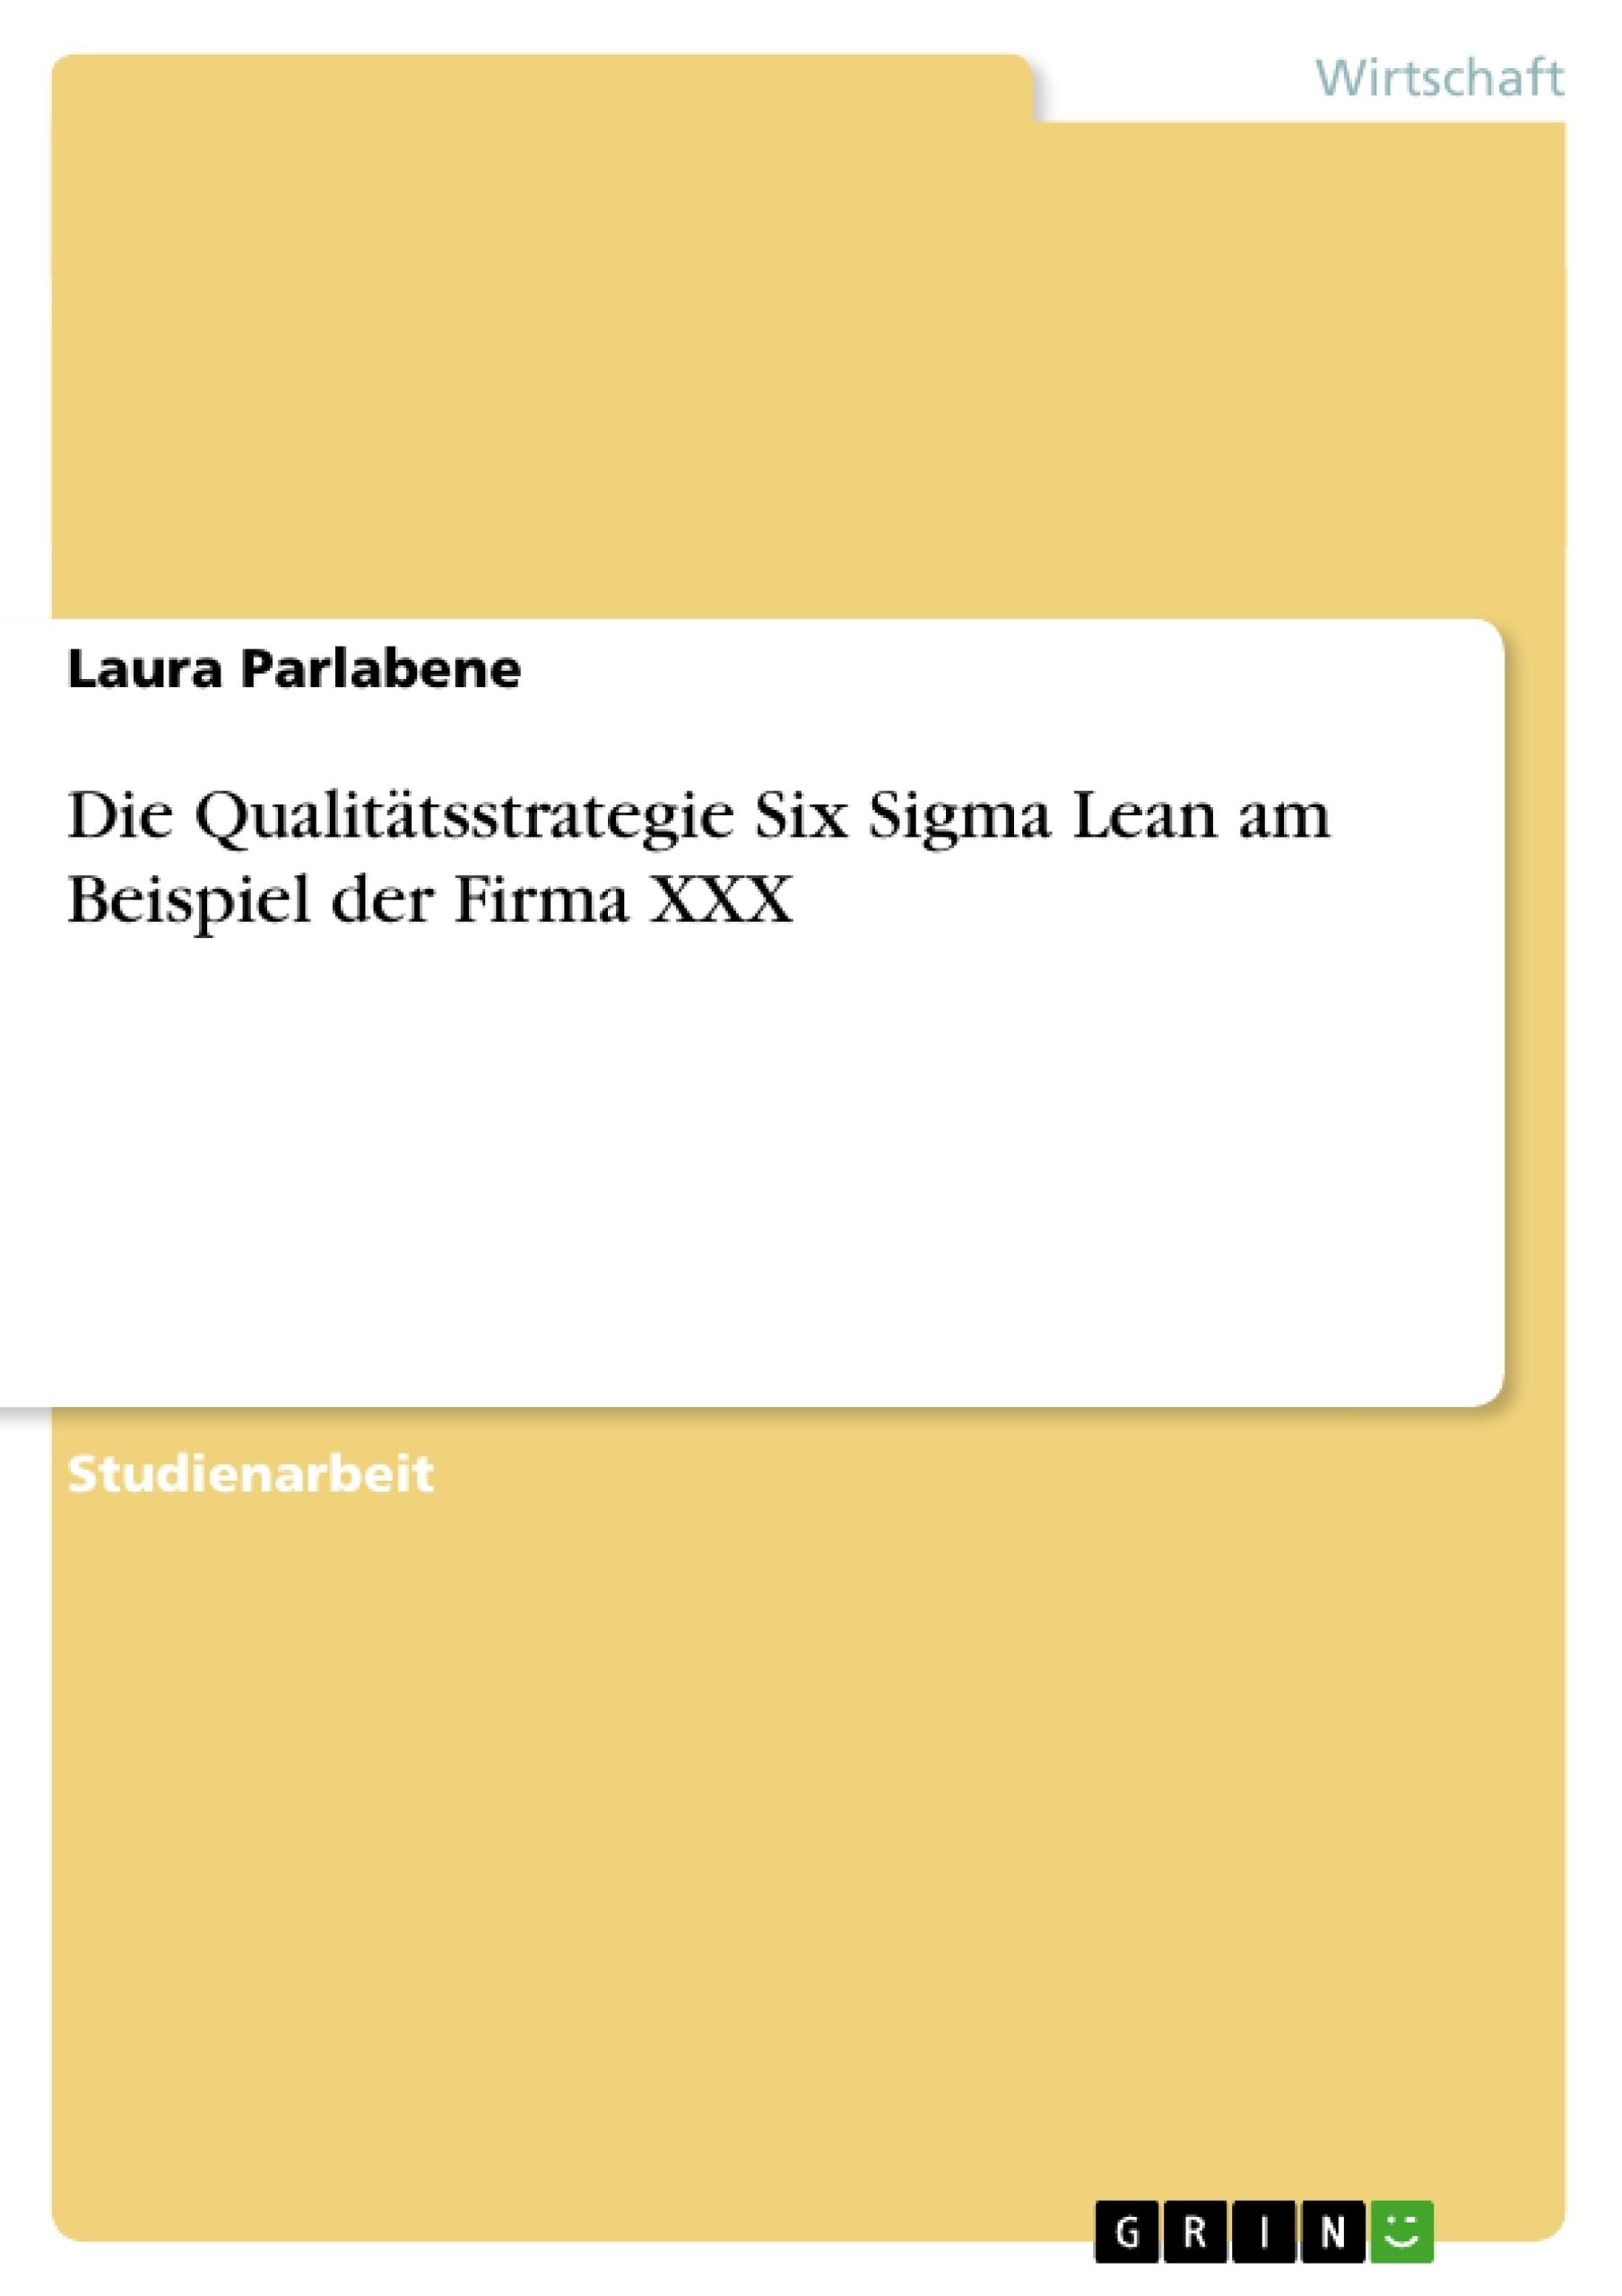 Titel: Die Qualitätsstrategie Six Sigma Lean am Beispiel der Firma XXX